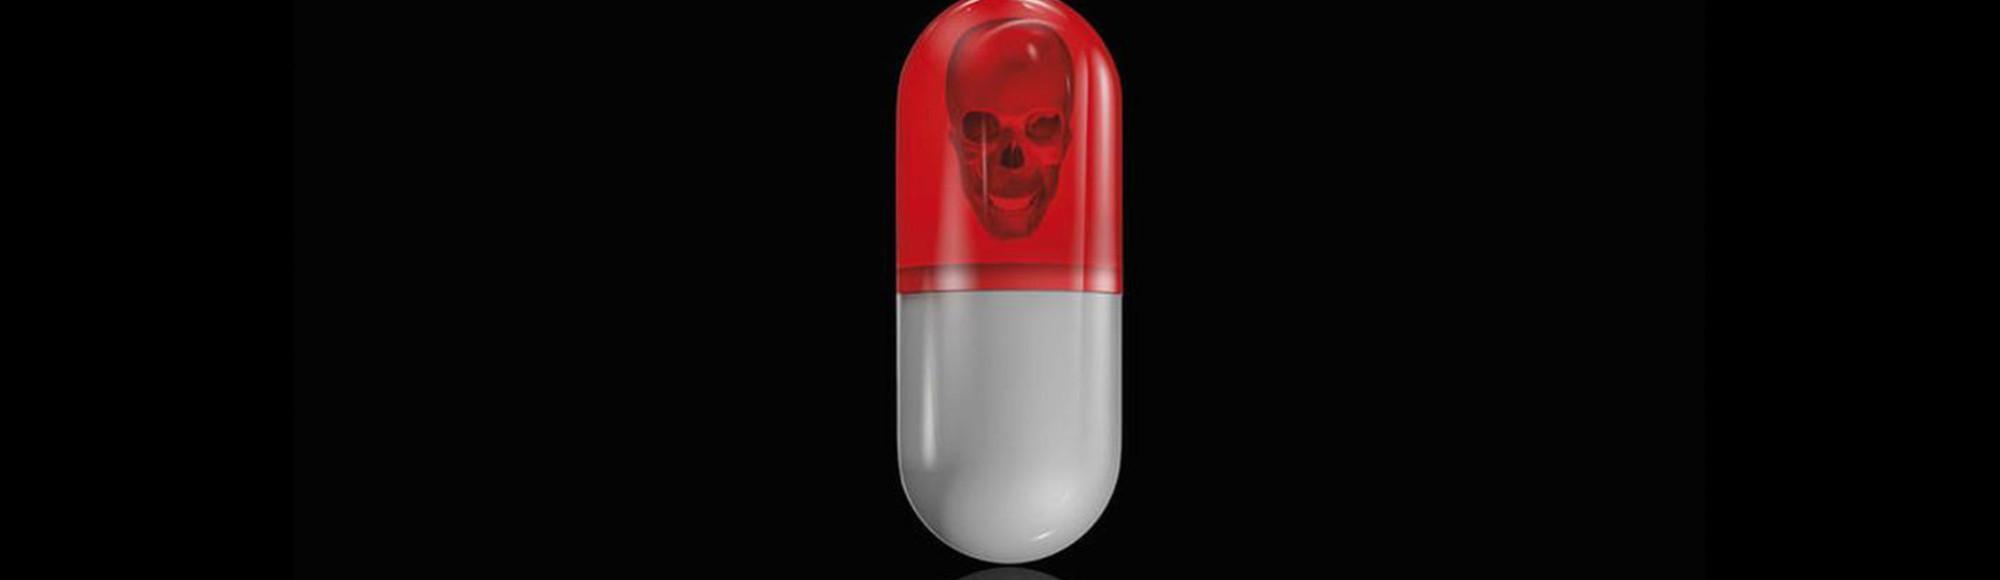 Medicamentos que generan adicción y destrozan vidas: cuando el remedio es peor que la enfermedad